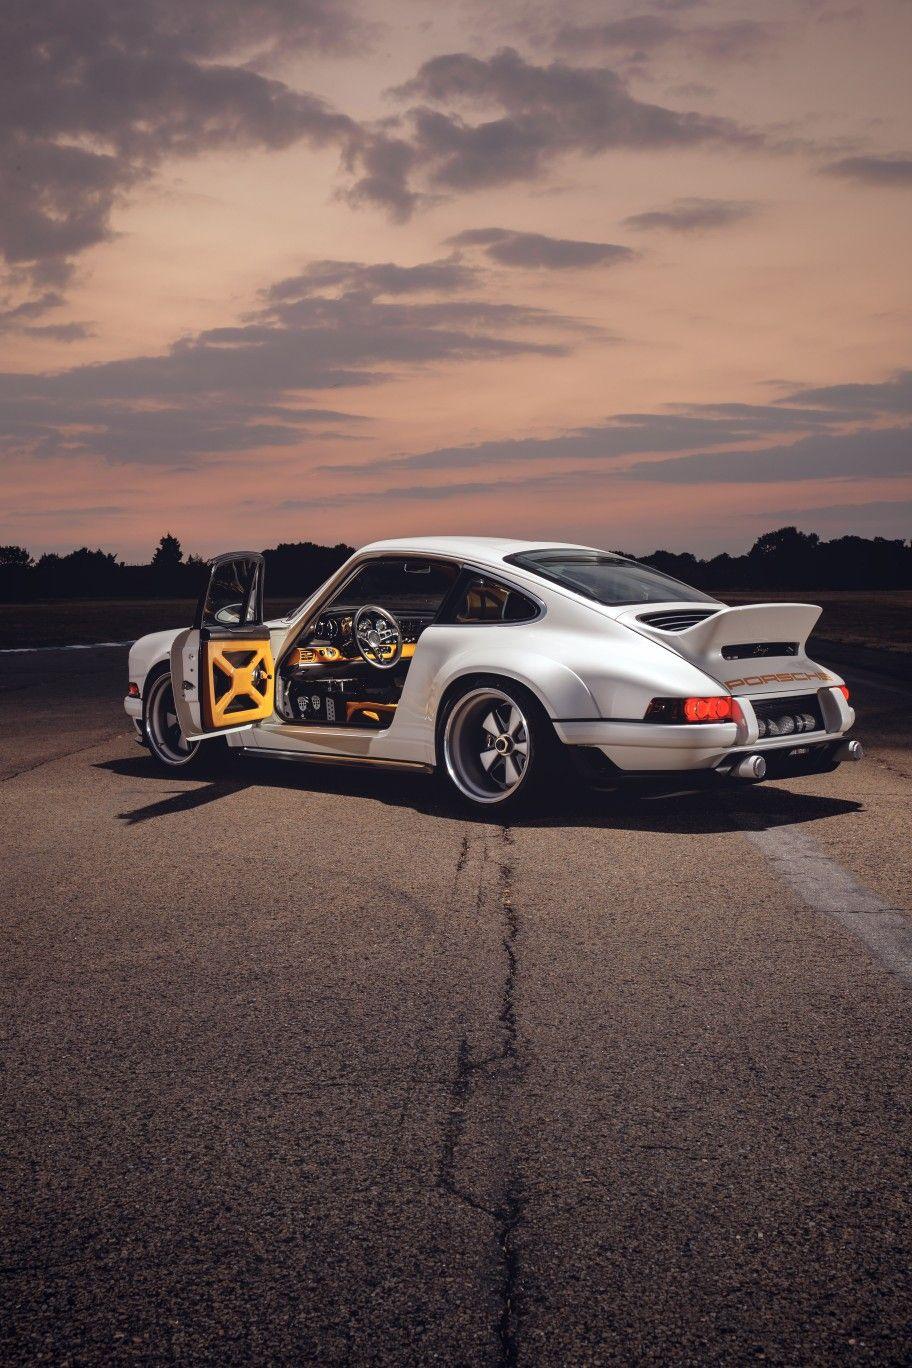 Singer Williams Dls Porsche Porsche Cars Porsche Singer Porsche